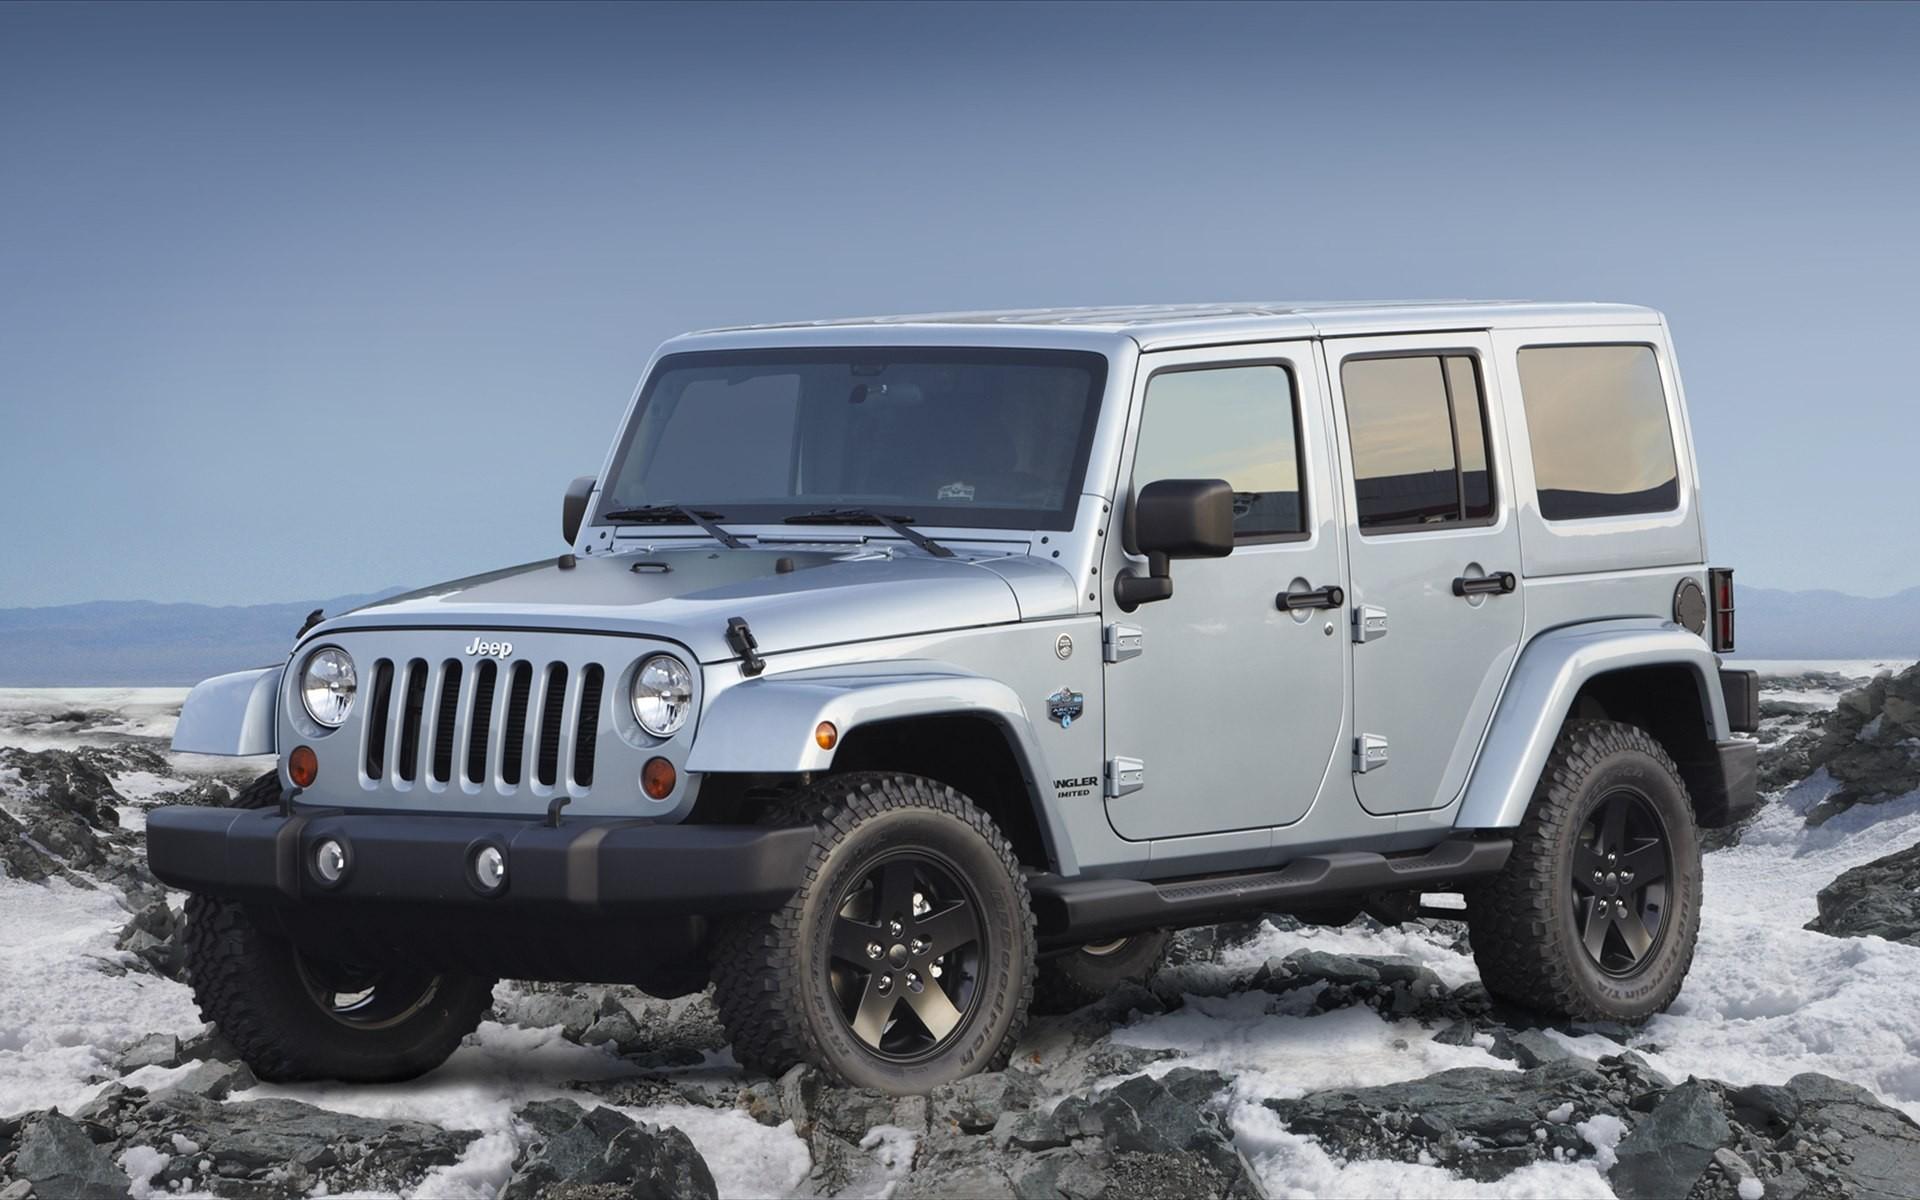 2012 Jeep Wrangler Unlimited Arctic Wallpaper HD Car